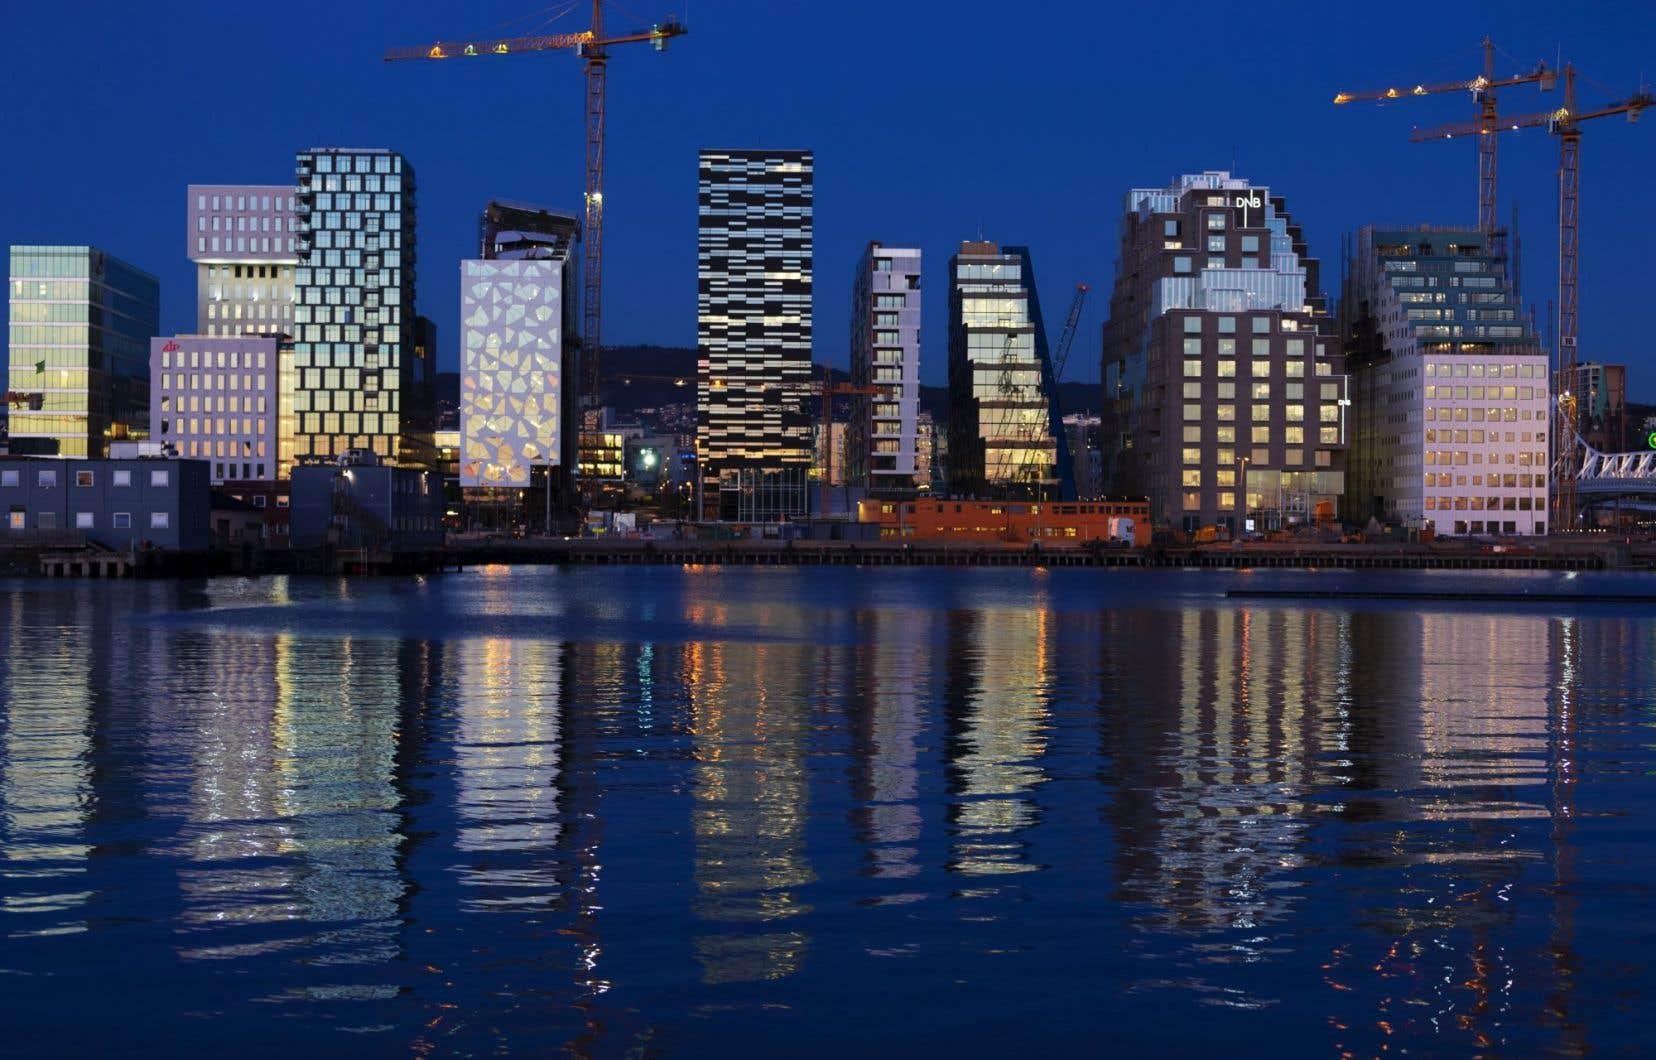 Des édifices faisant partie du Barcode Project, un vaste chantier de réaménagement du port et du secteur industriel d'Oslo